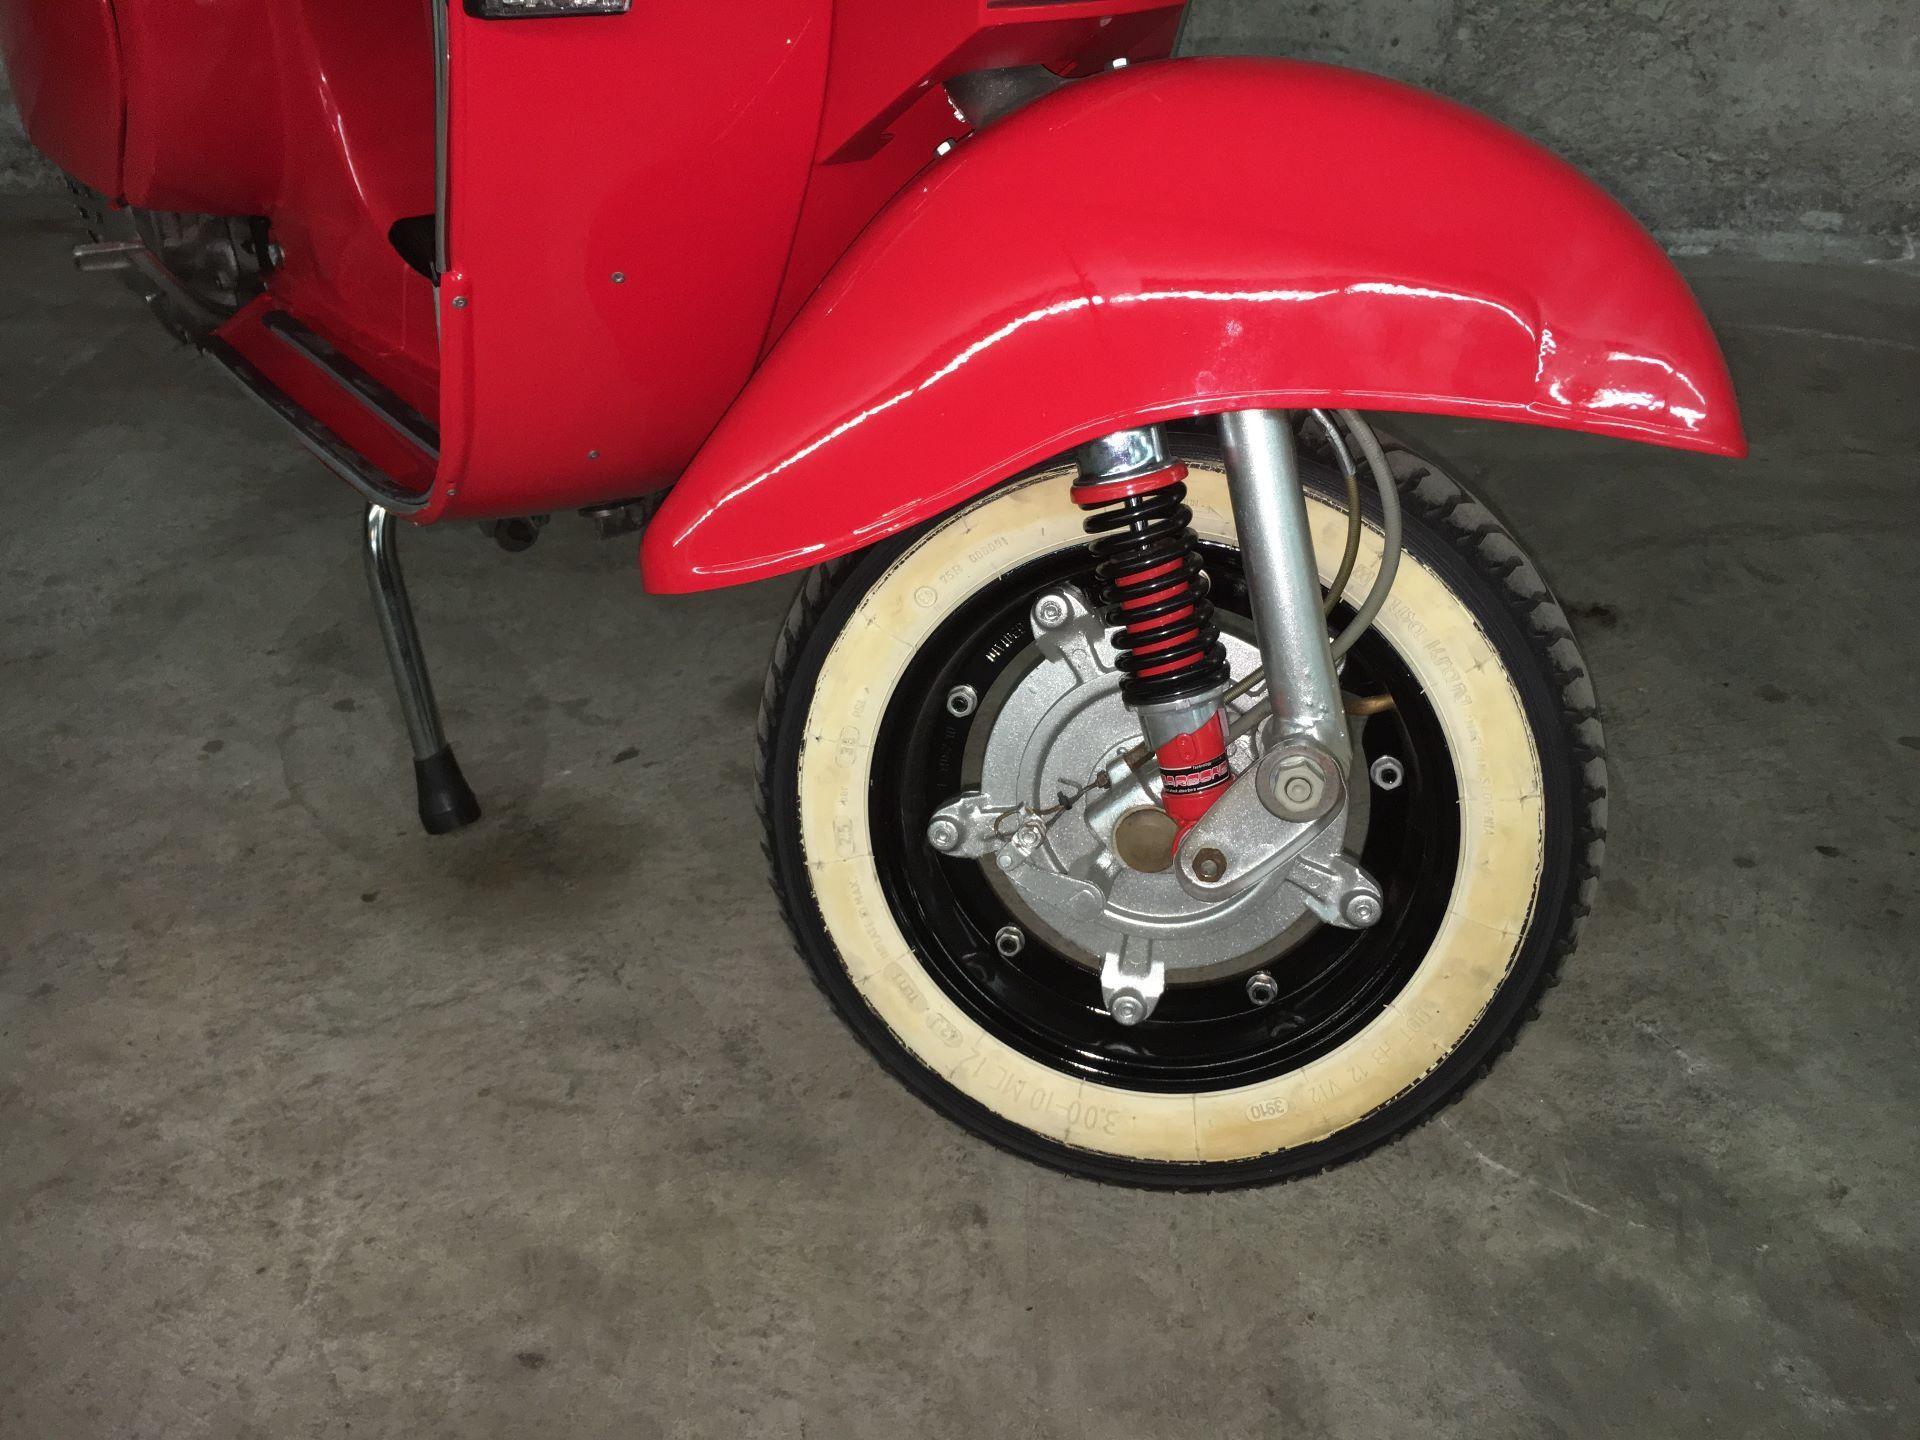 motorrad occasion kaufen piaggio vespa pk 50 ss motorclassics reichenburg. Black Bedroom Furniture Sets. Home Design Ideas